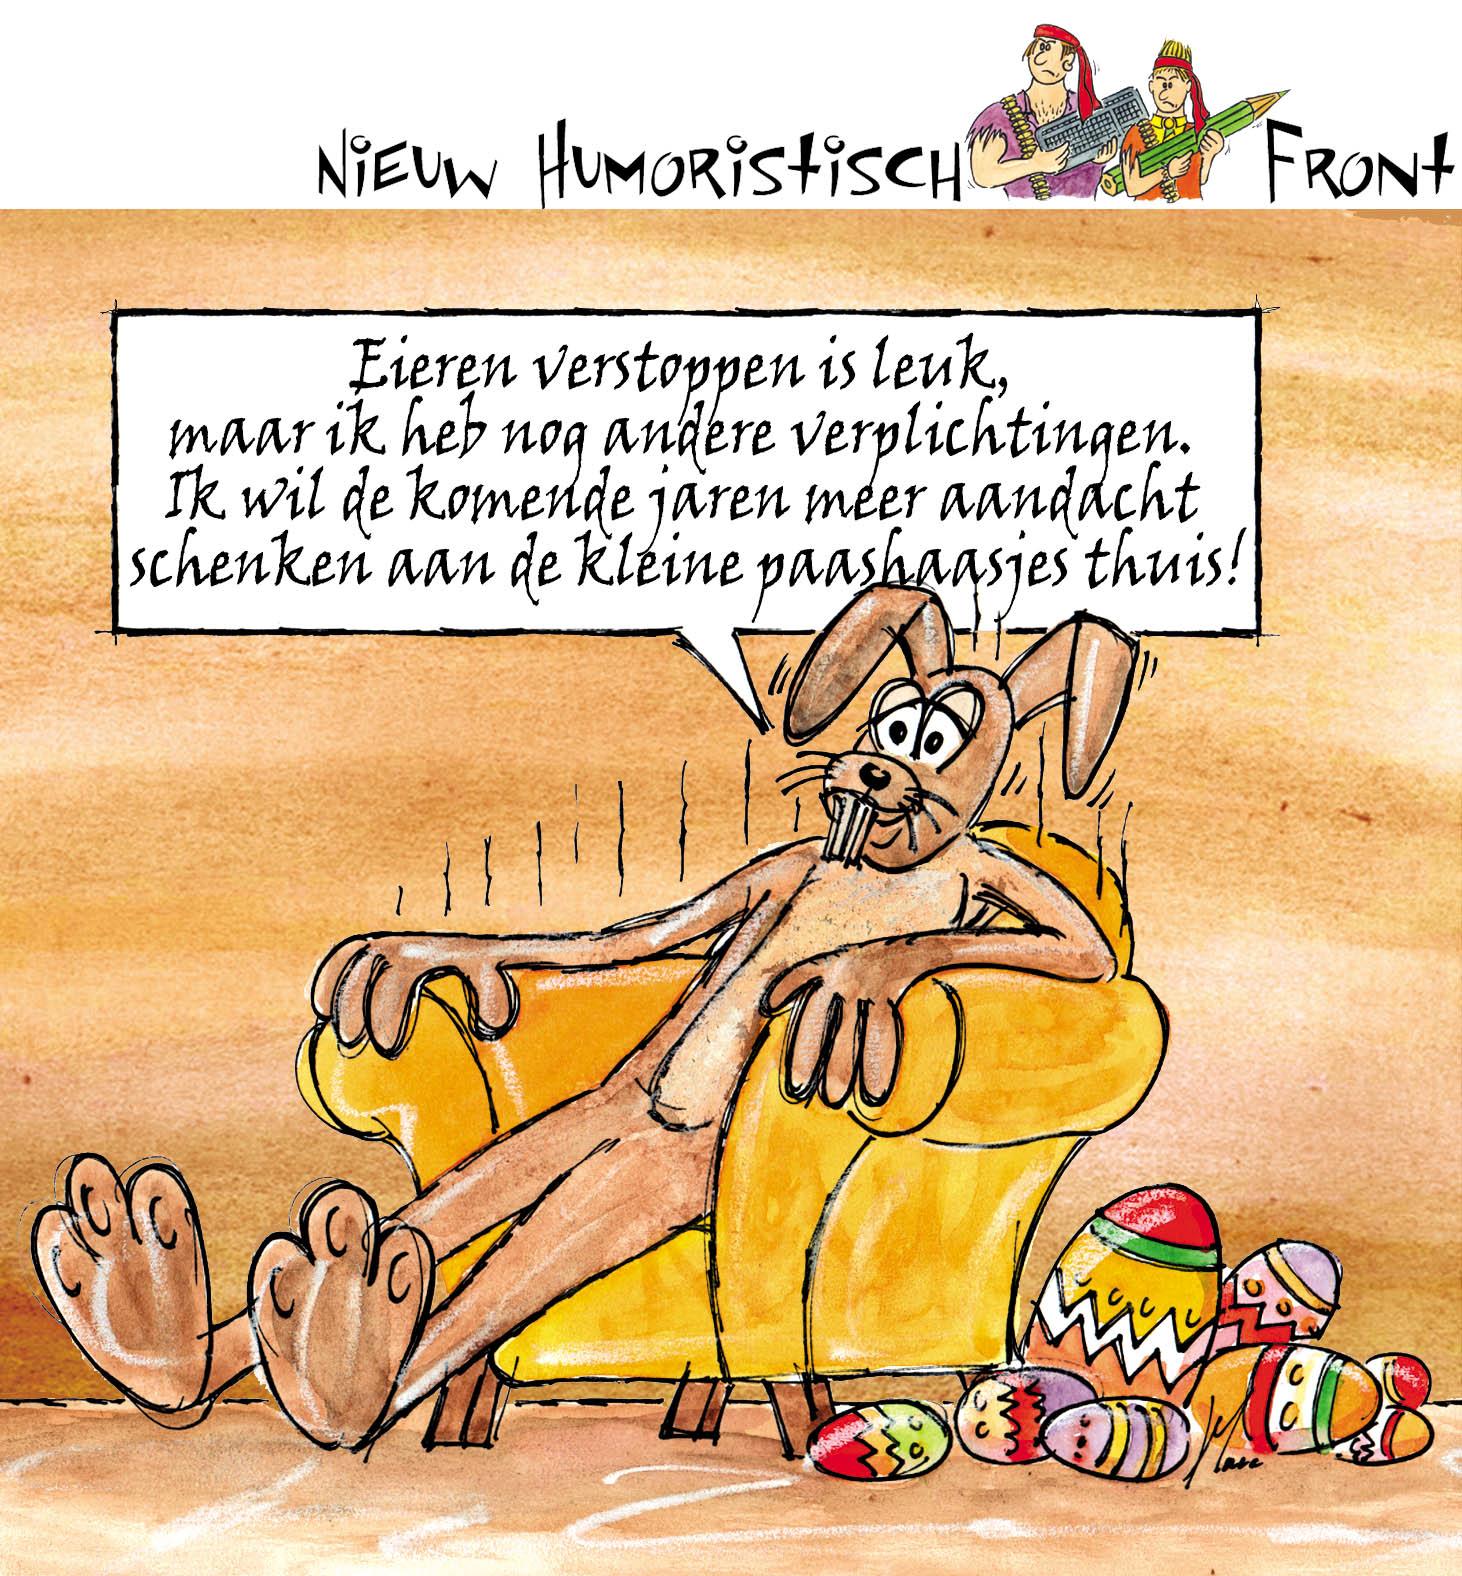 Het Nieuw Humoristisch Front April 2010